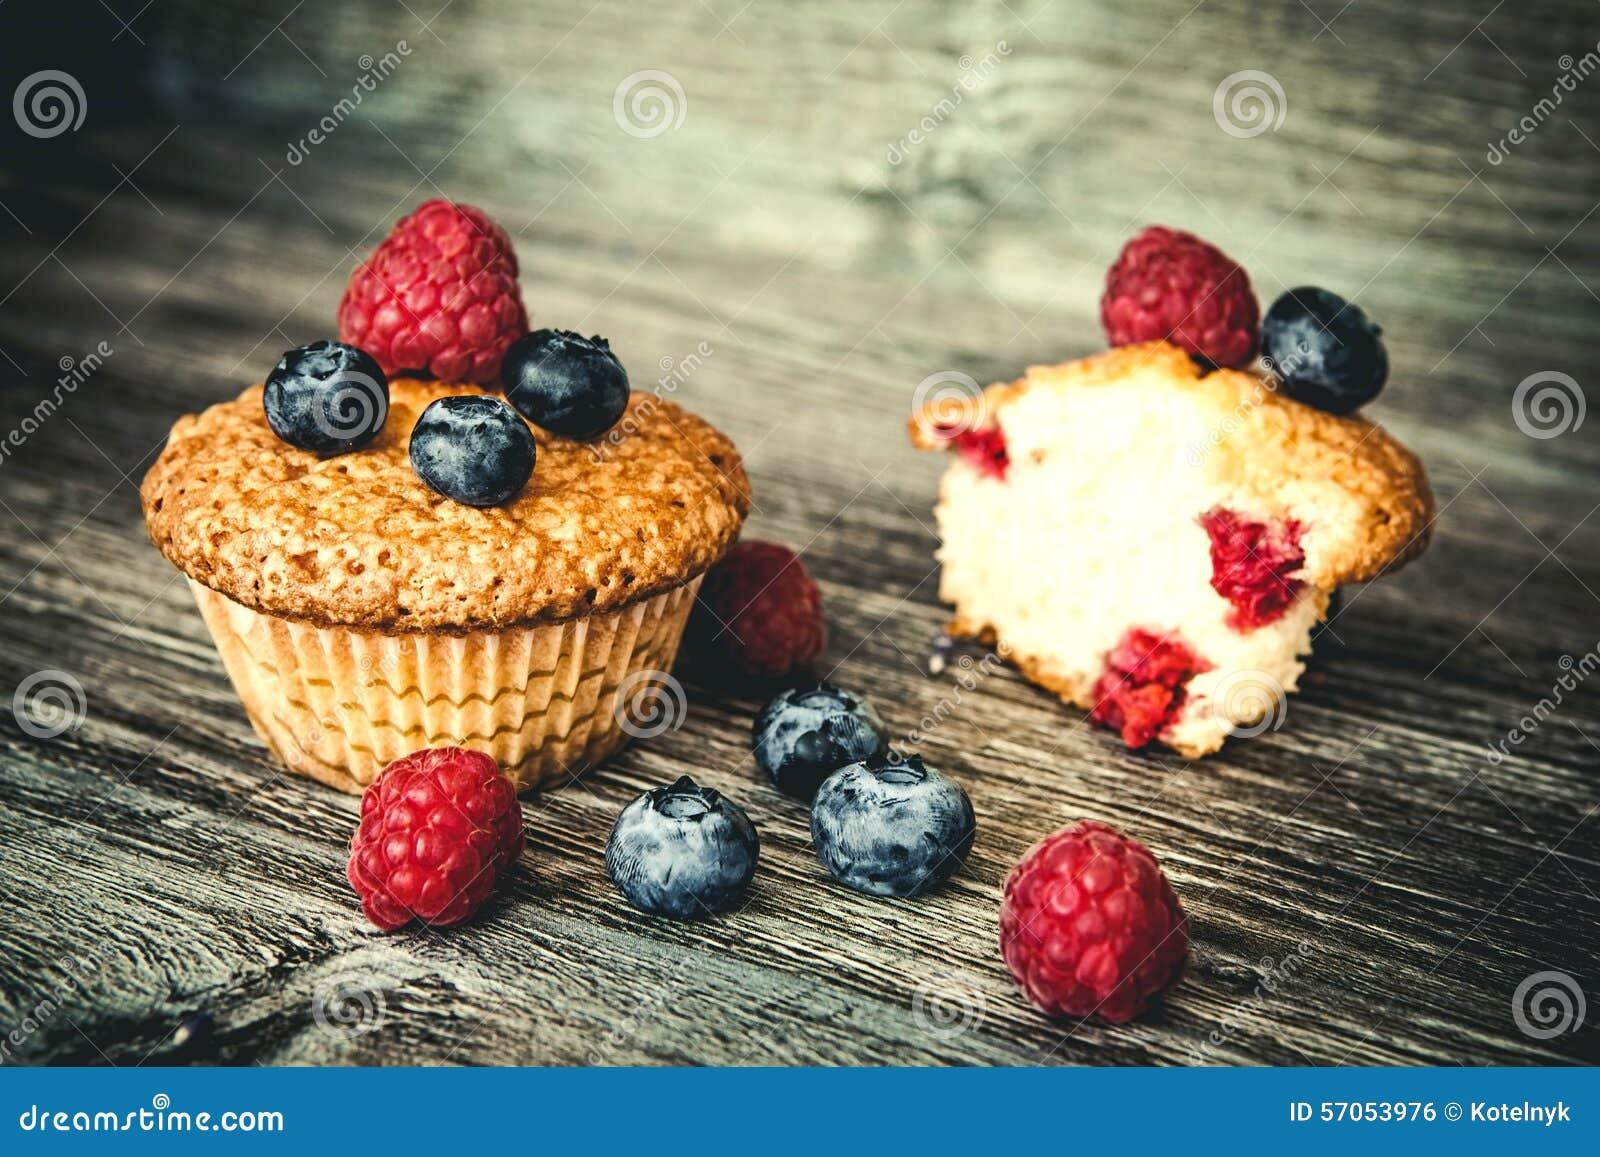 Muffins met bosbessen en frambozen